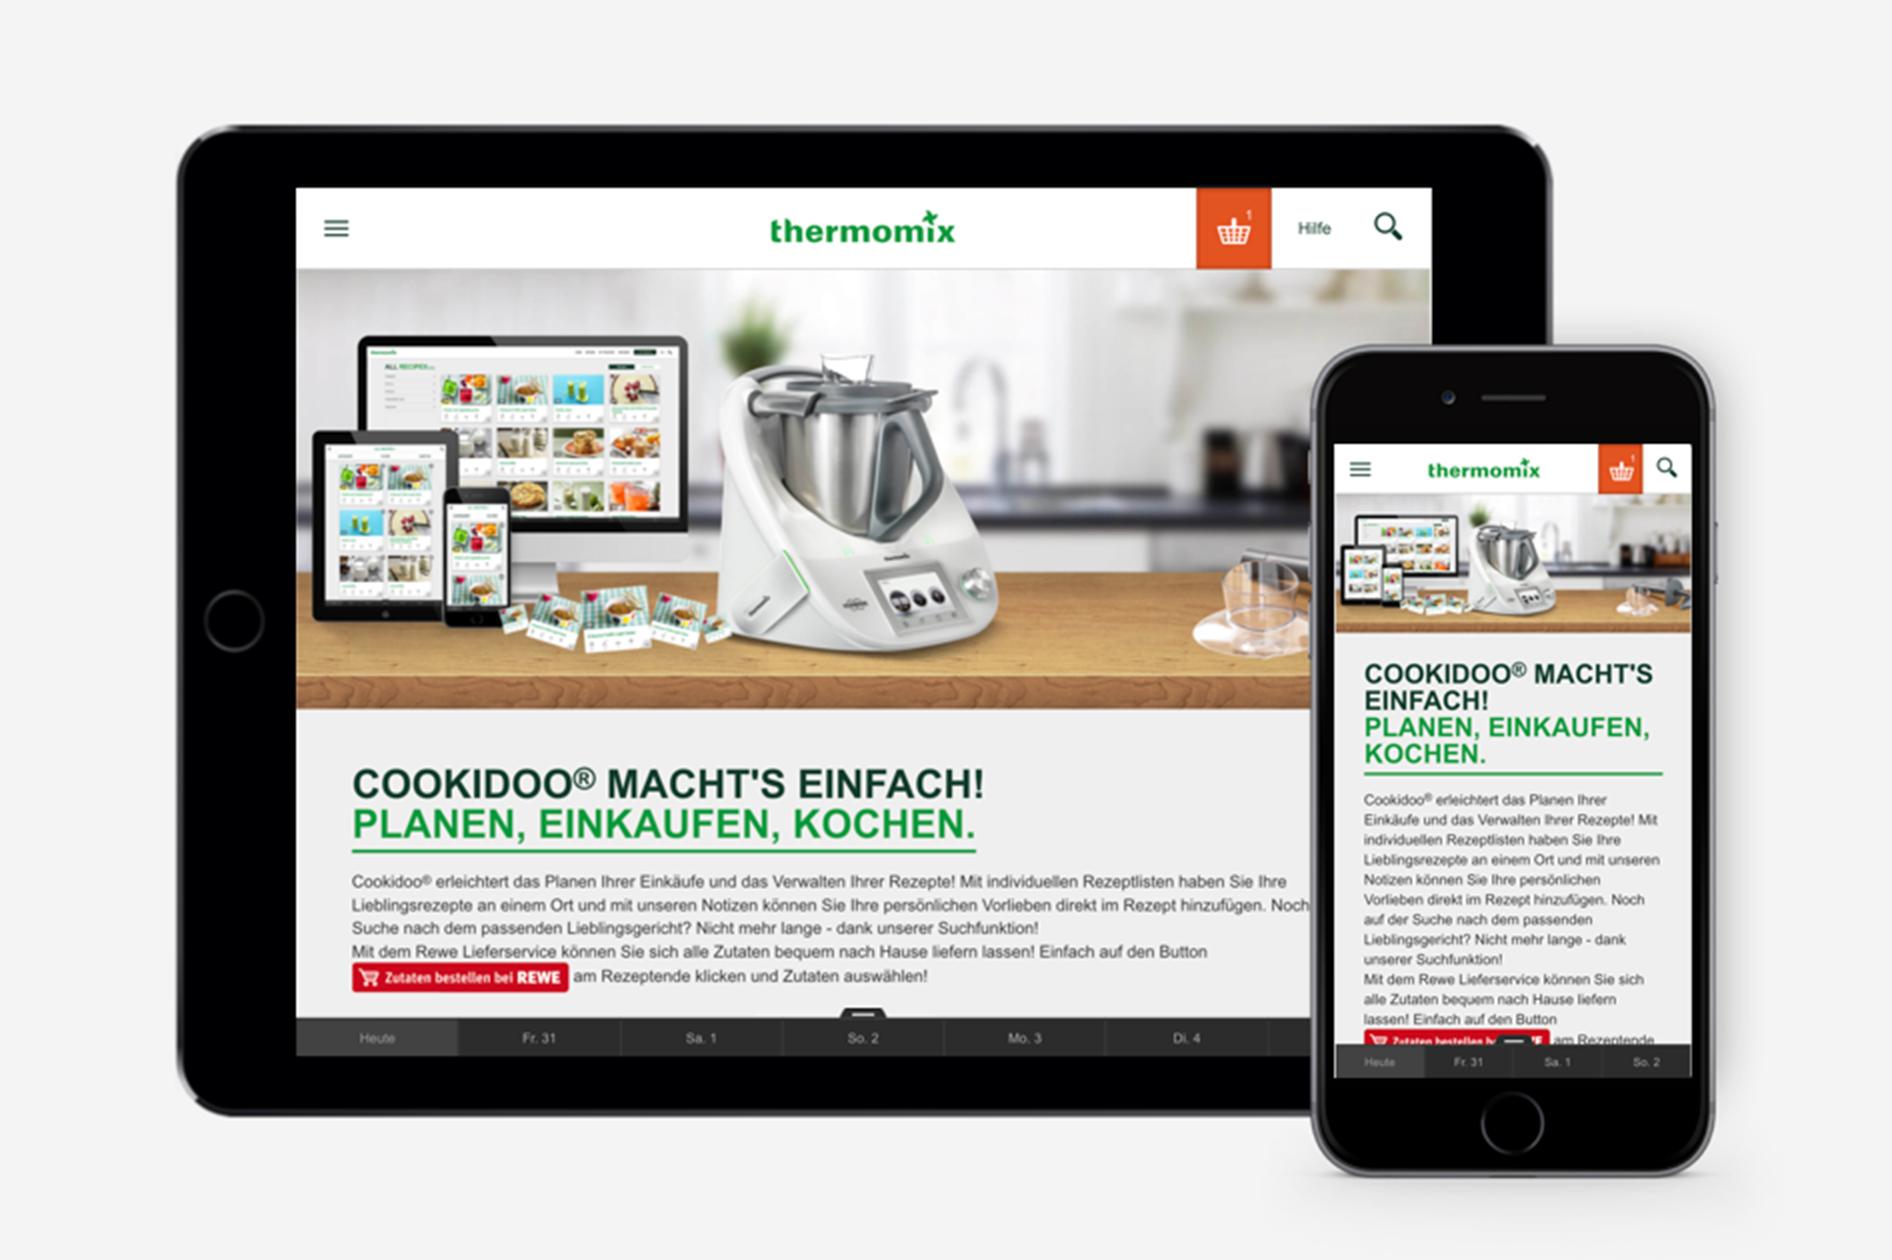 Vorwerk Thermomix - Cookiedoo: Planen, Einkaufen, Kochen